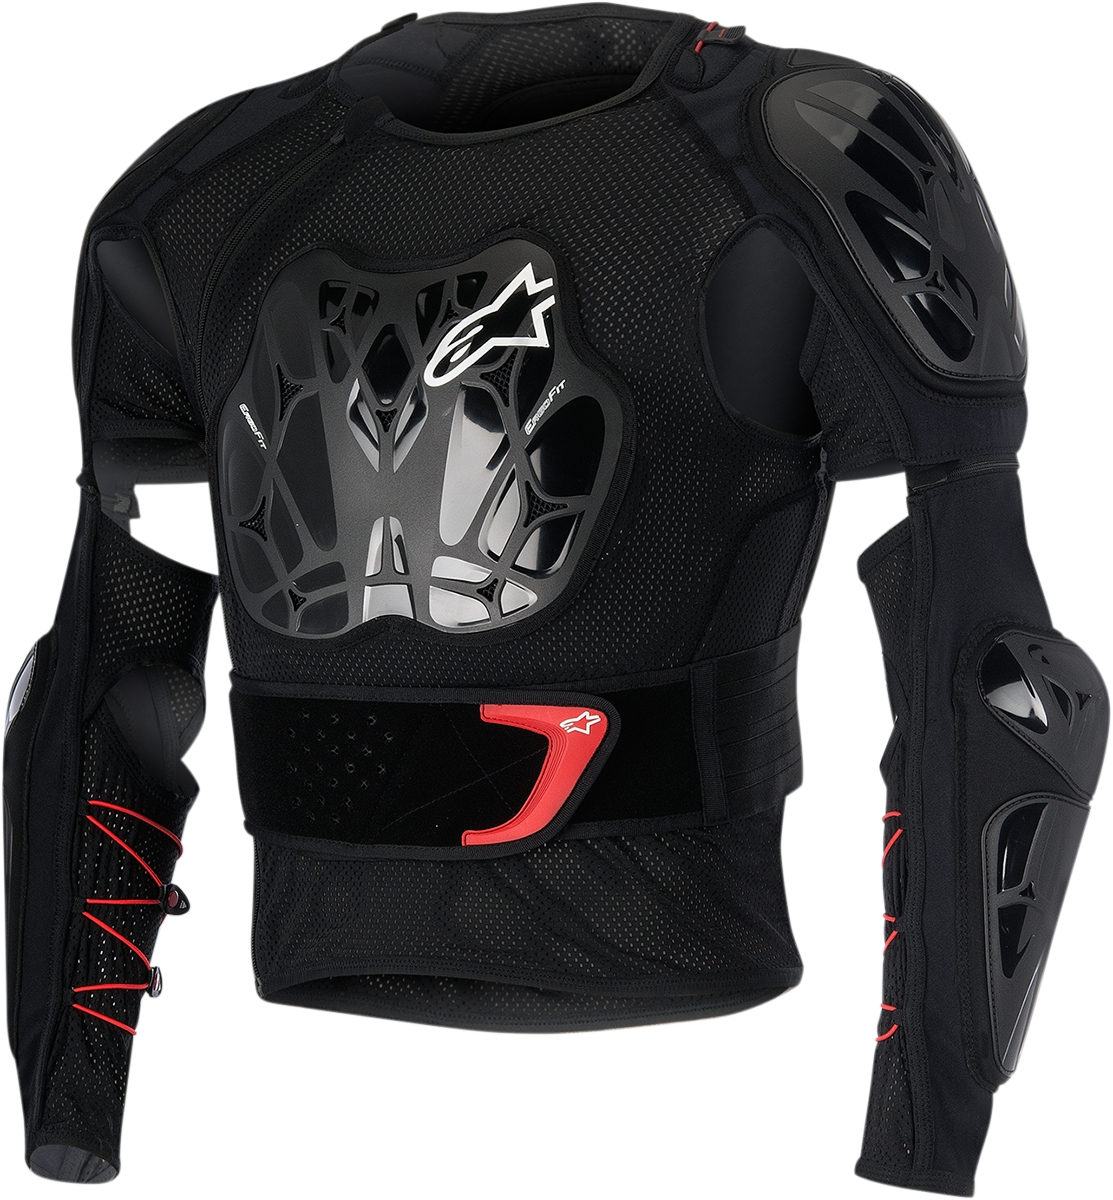 Alpinestars Bionic Tech Jacket Black/Red XL  6506516-123-XL